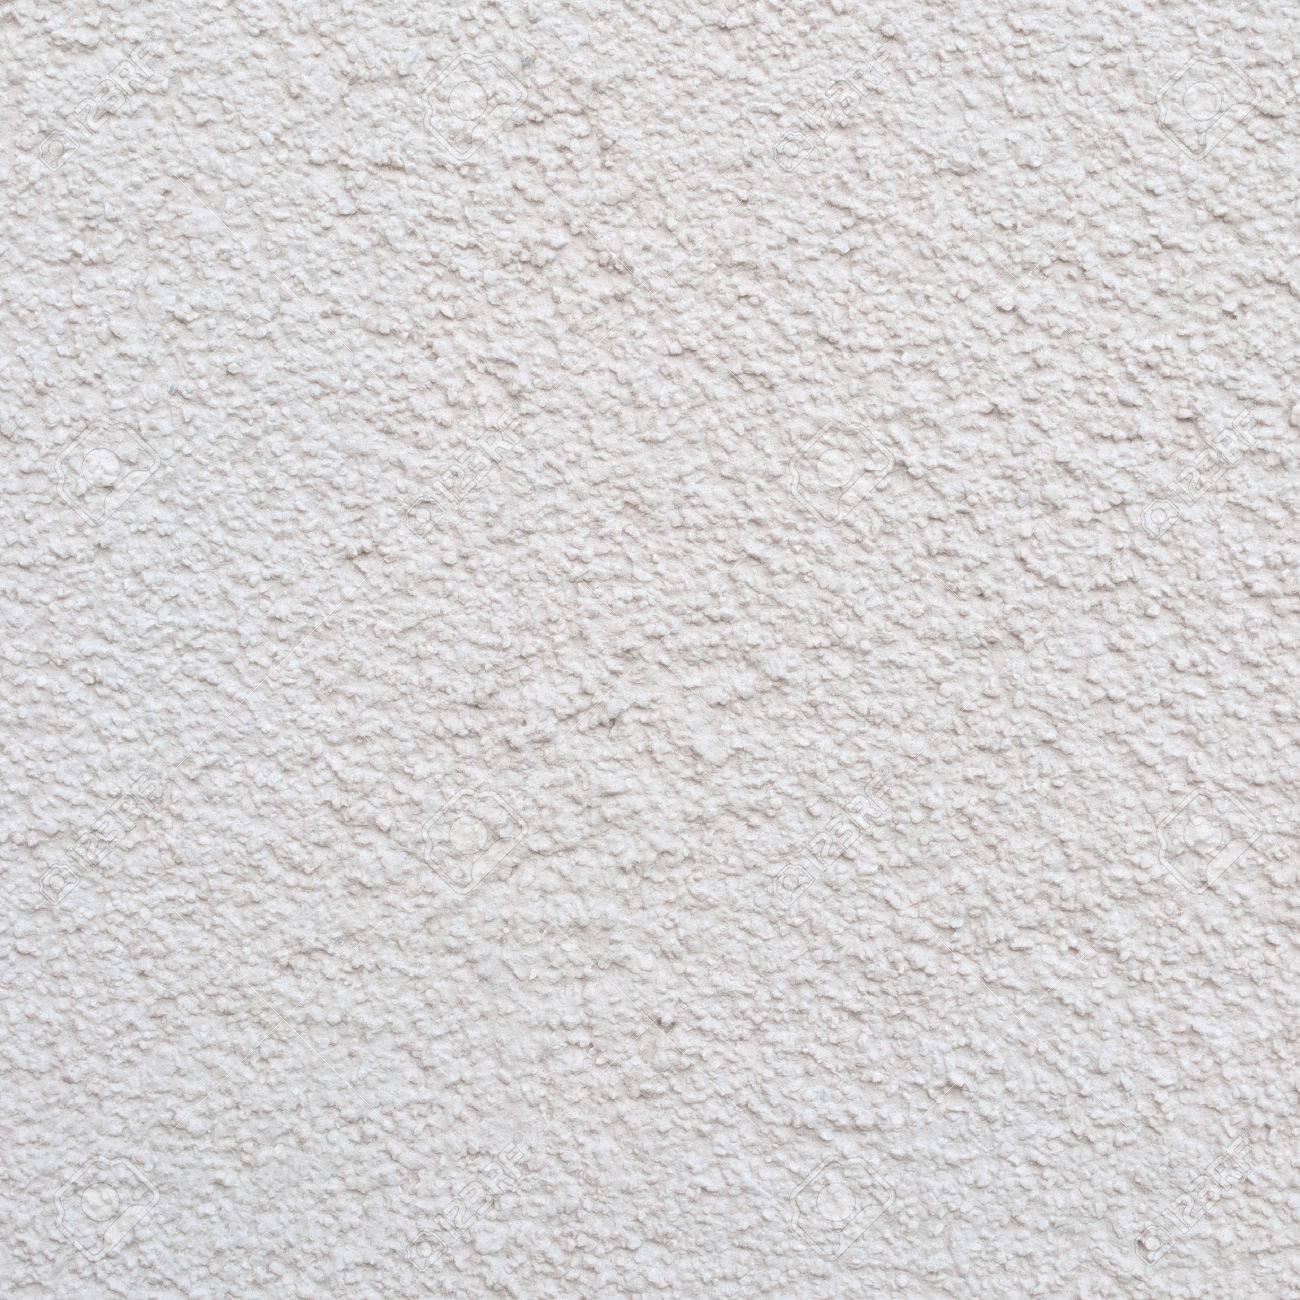 gris clair beige crepis mur stucco texture detaillee fond gris naturel grossier style rustique texture vertical motif de platre beton detail blank